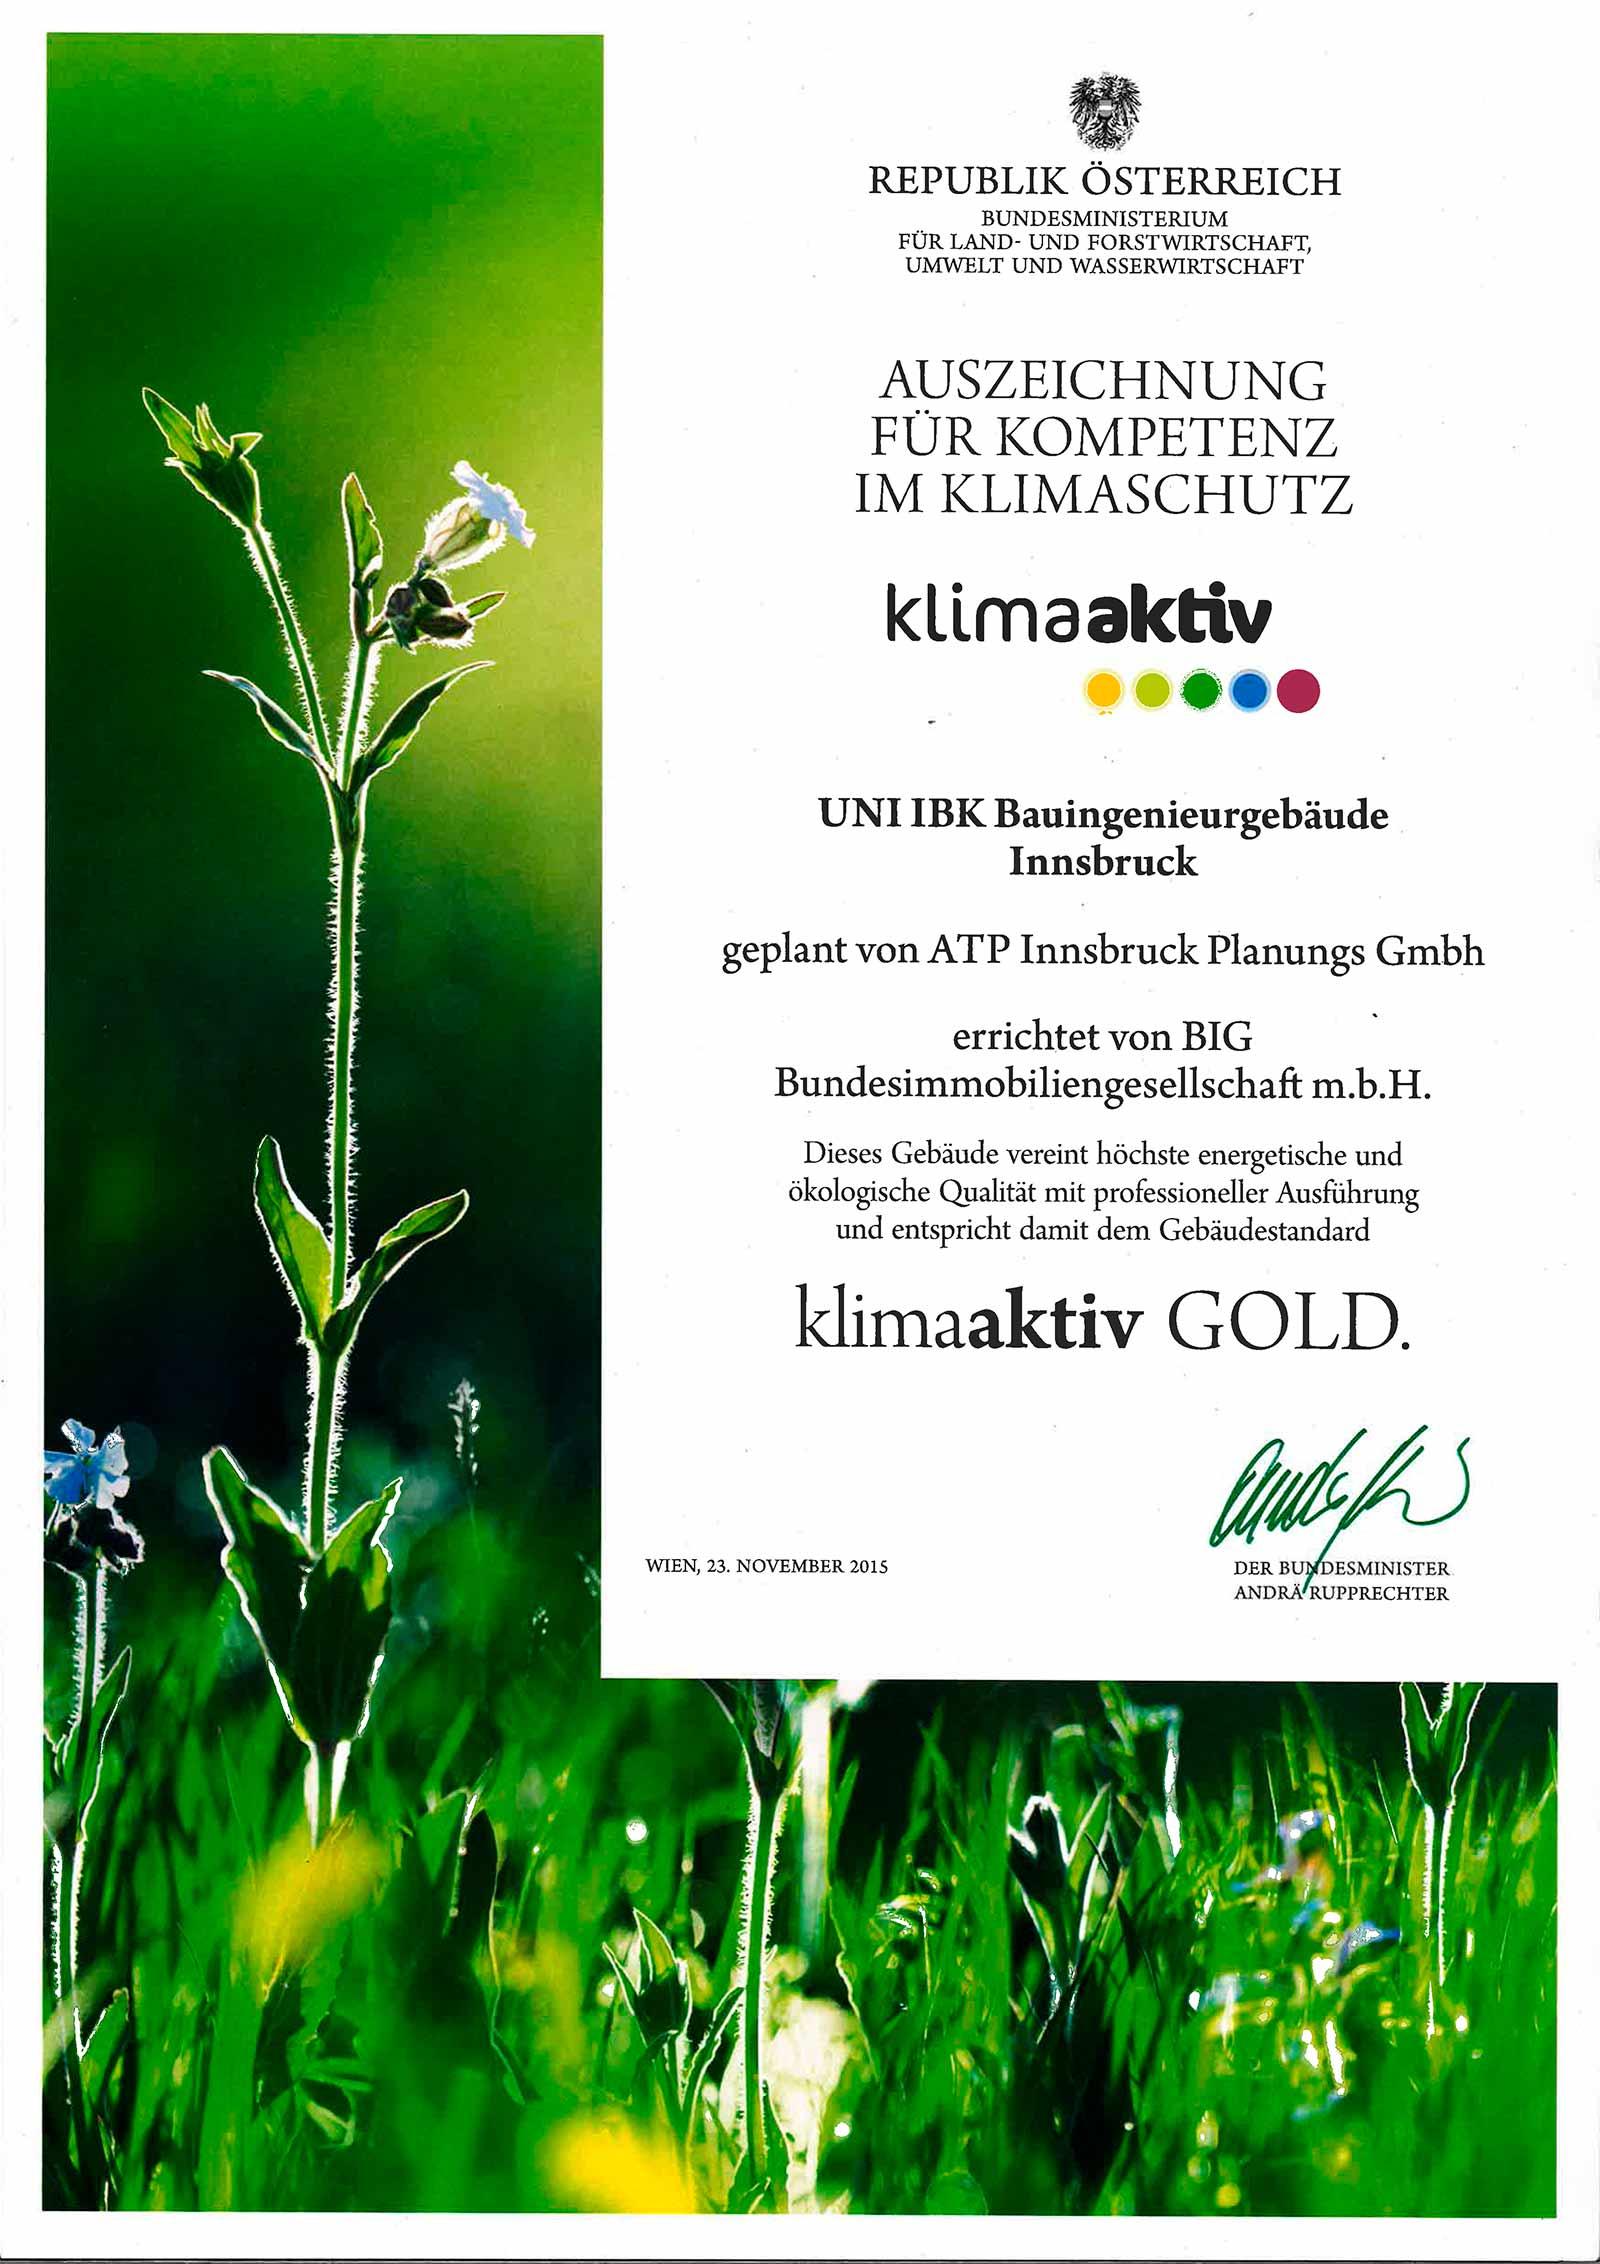 Urkunde zur Auszeichnung der Technischen Fakultät der Universität Innsbruck.